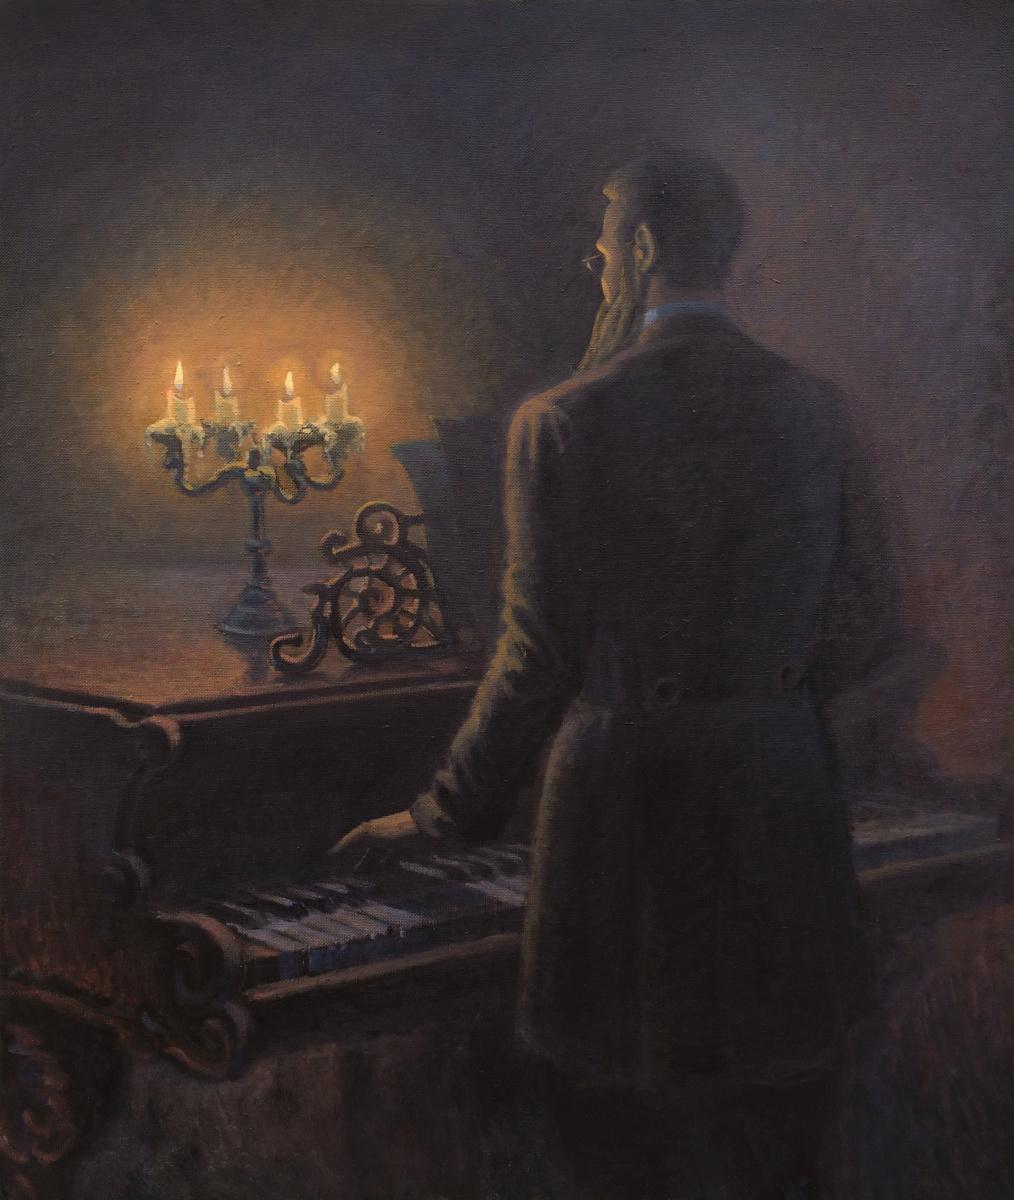 Marat Savelievich Gogaev. Rimsky-Korsakov